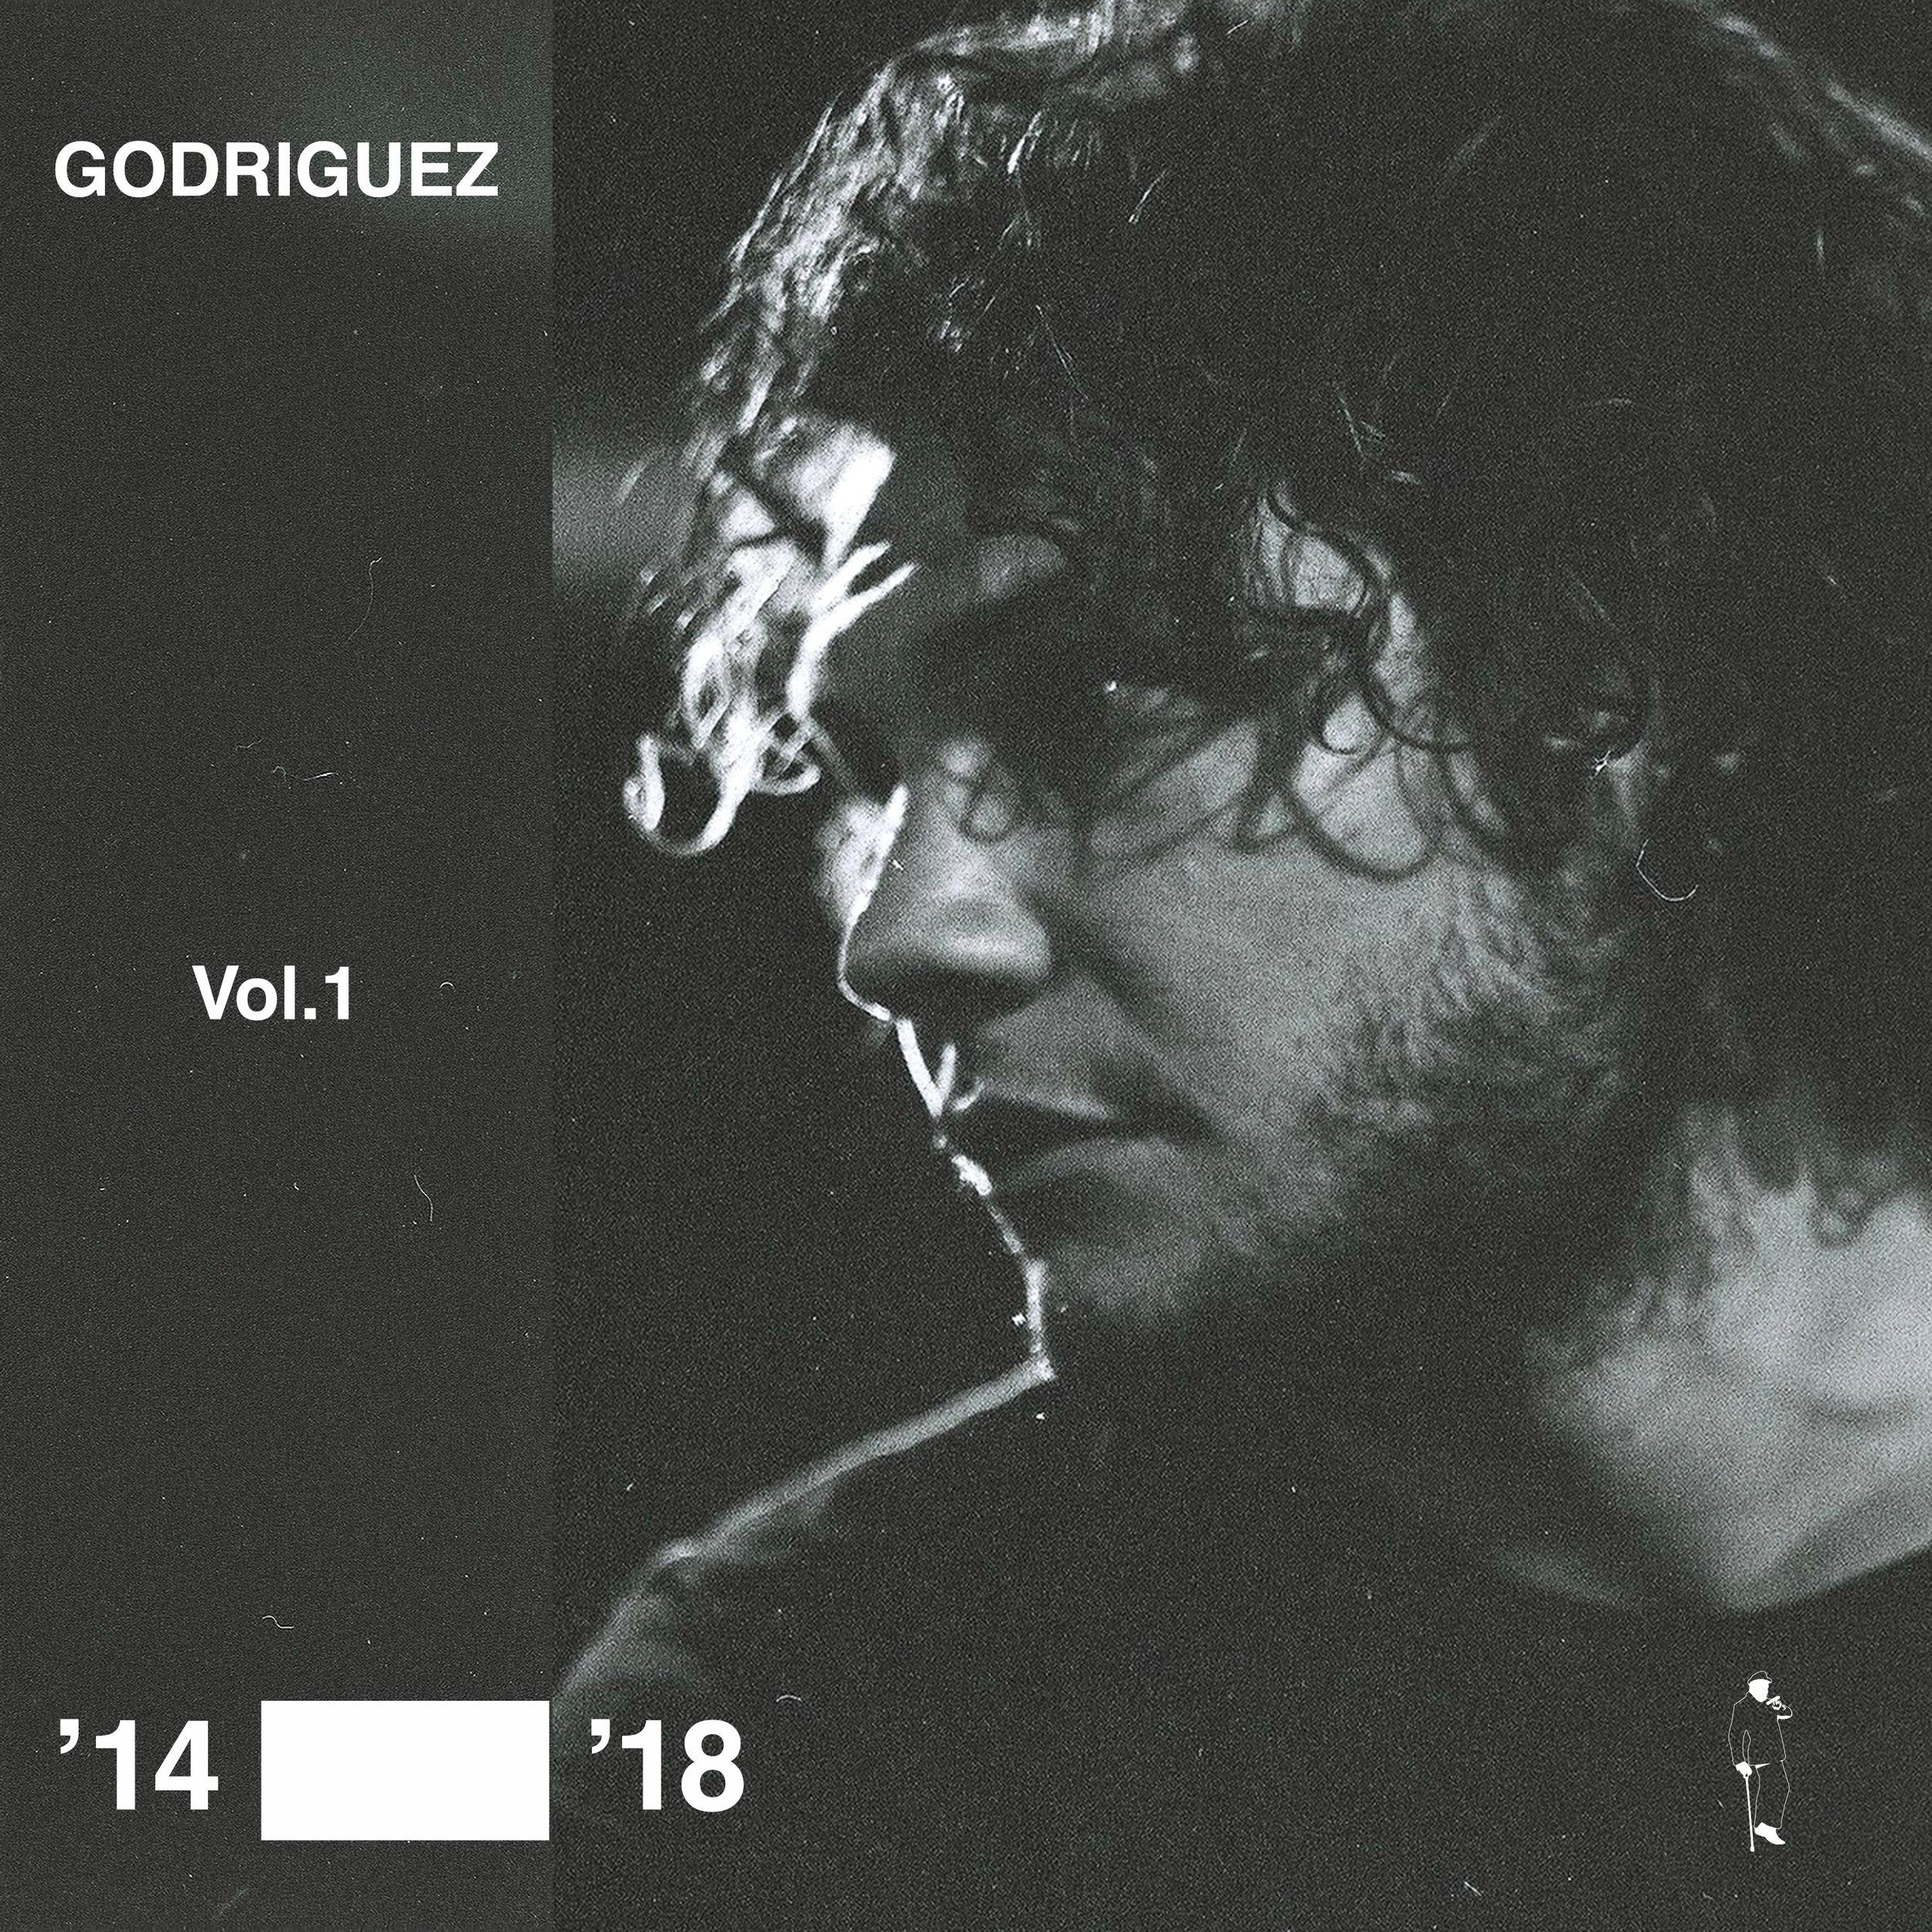 Godriguez - Vol.1 Cover v2.jpg